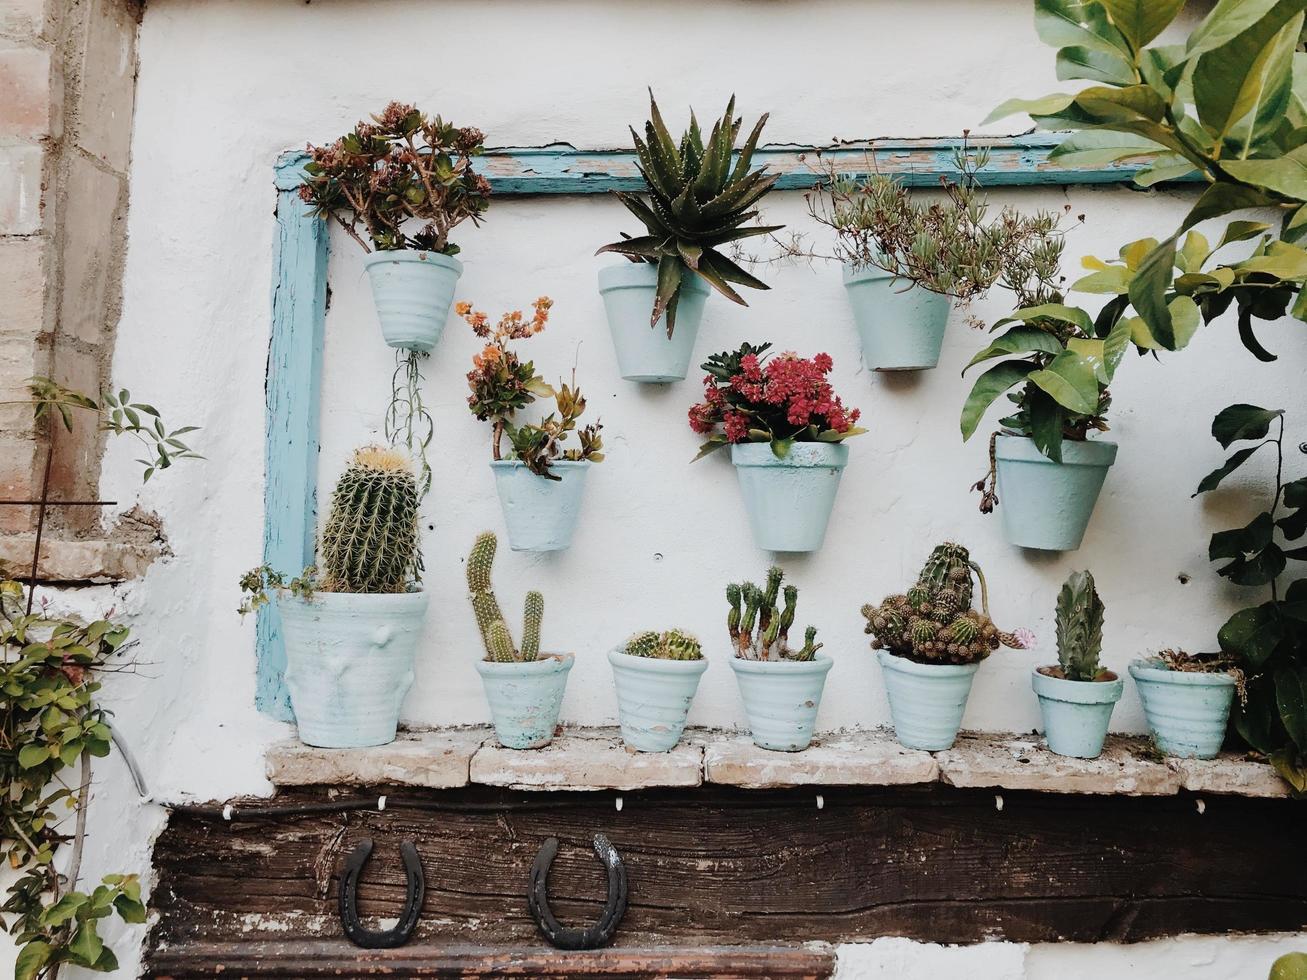 Pflanzen in Töpfen an der Wand foto